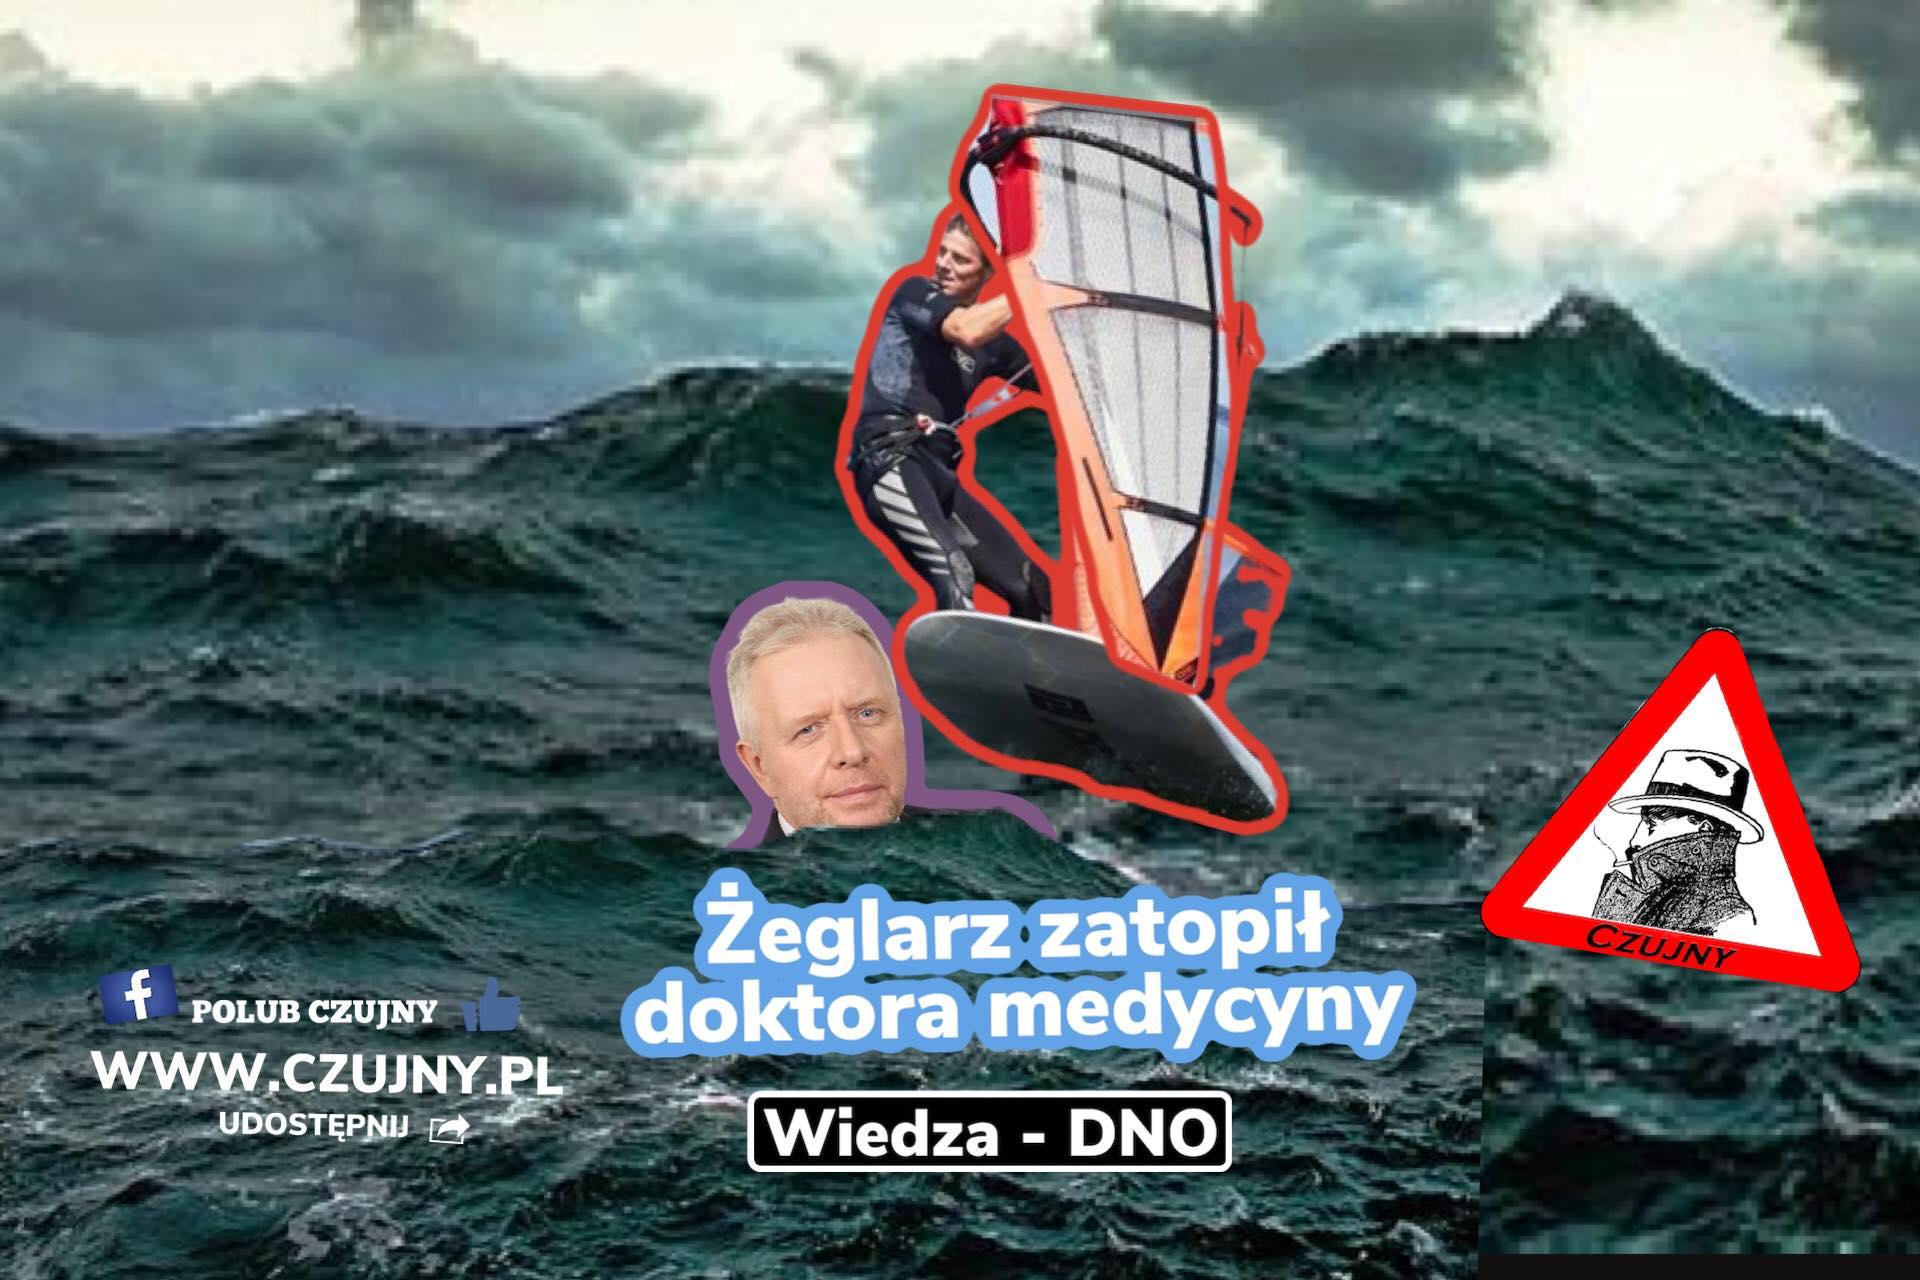 Mistrz windsurfingu kontra lekarz.